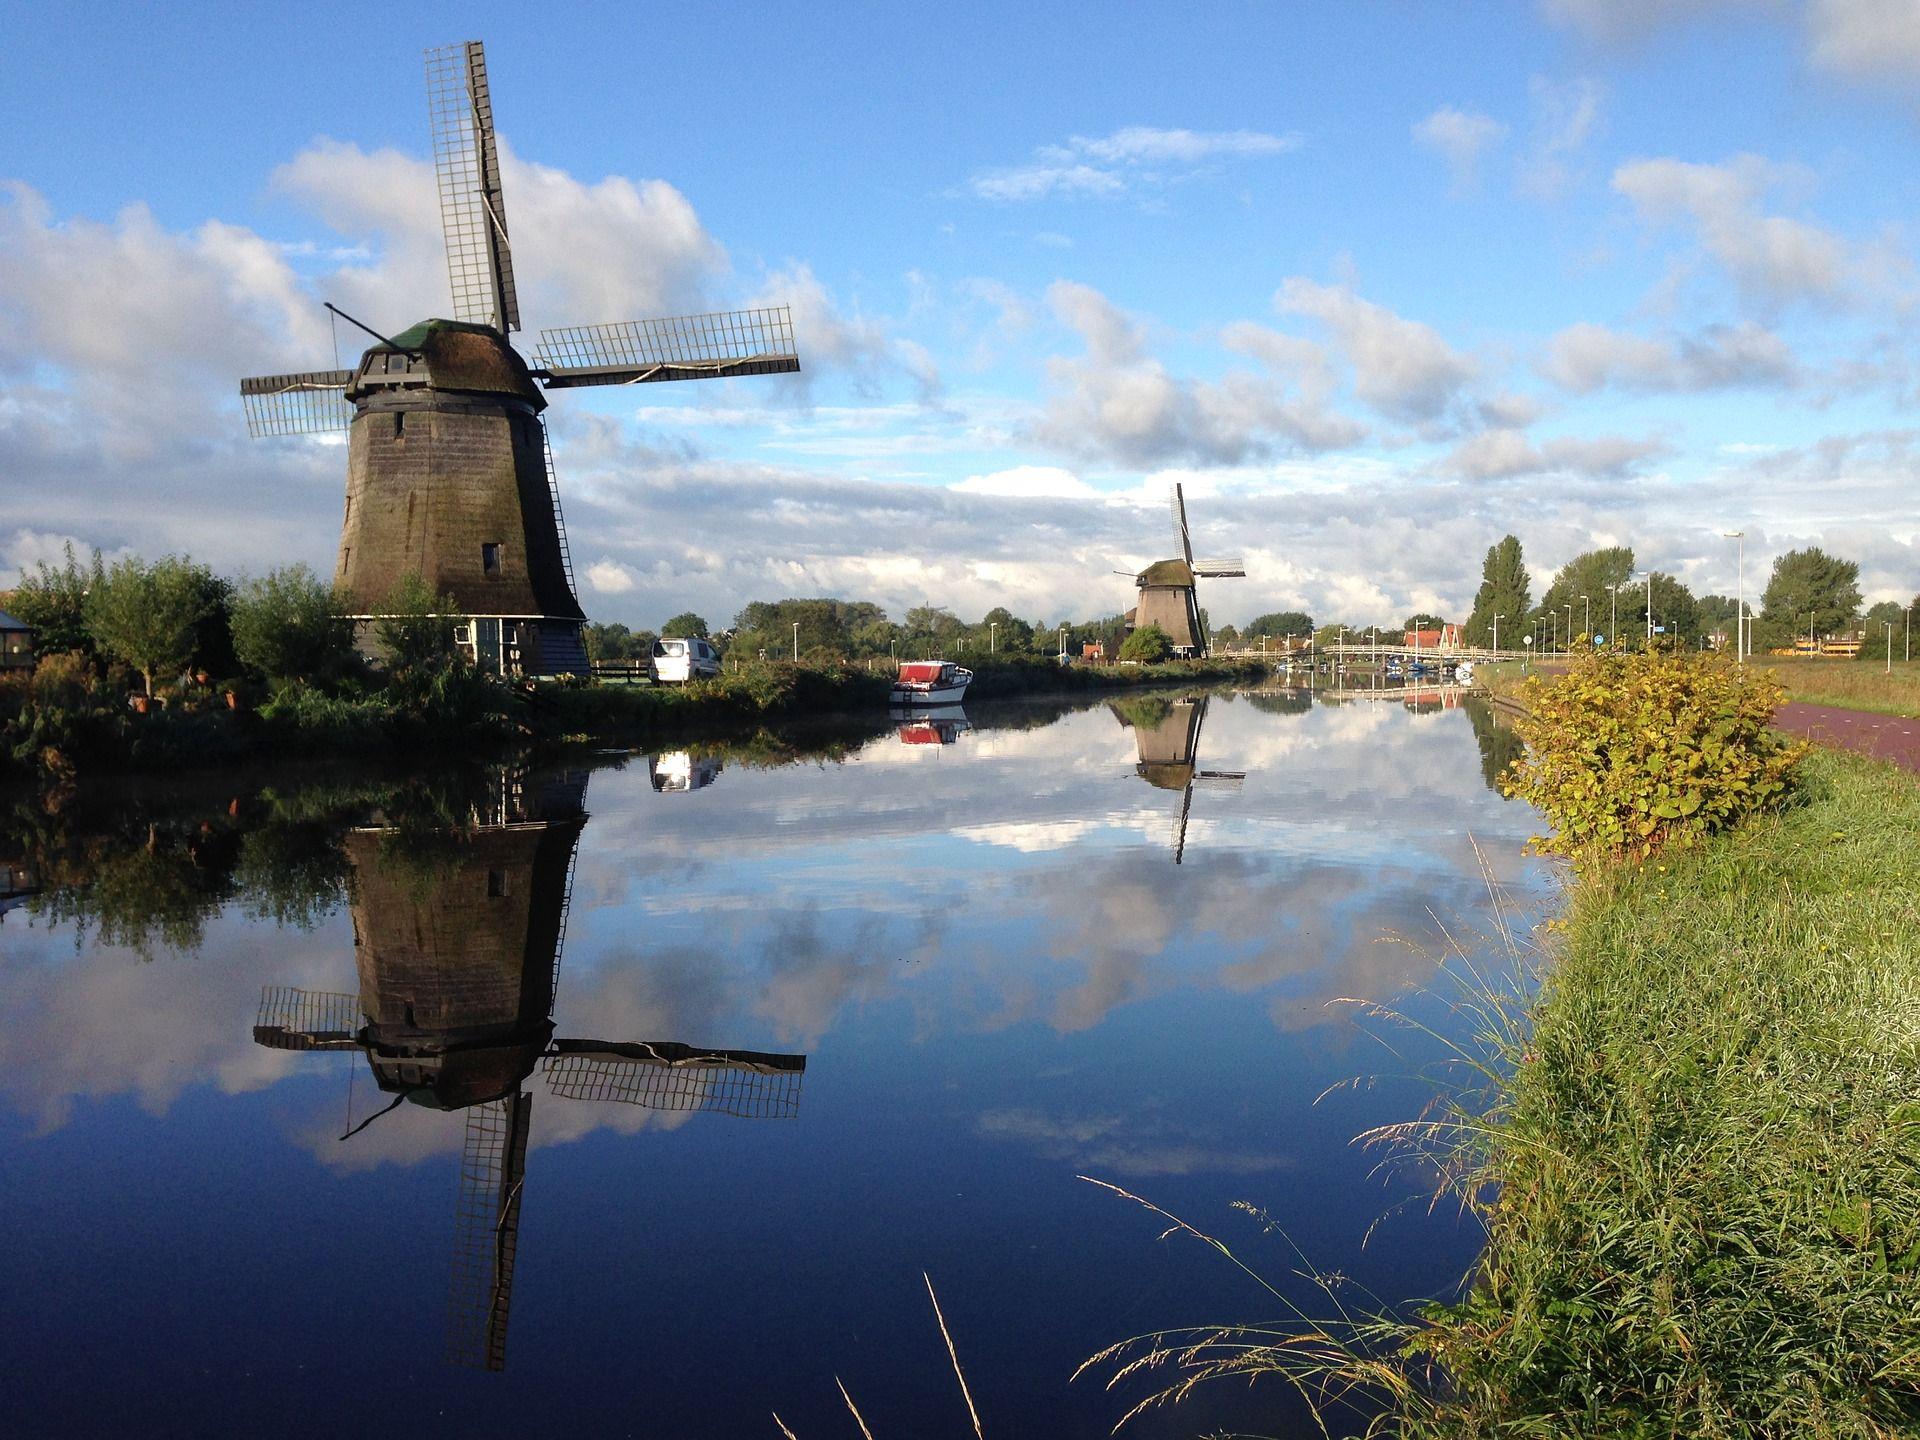 windmühle alkamaar holland mit bildern  windmühle